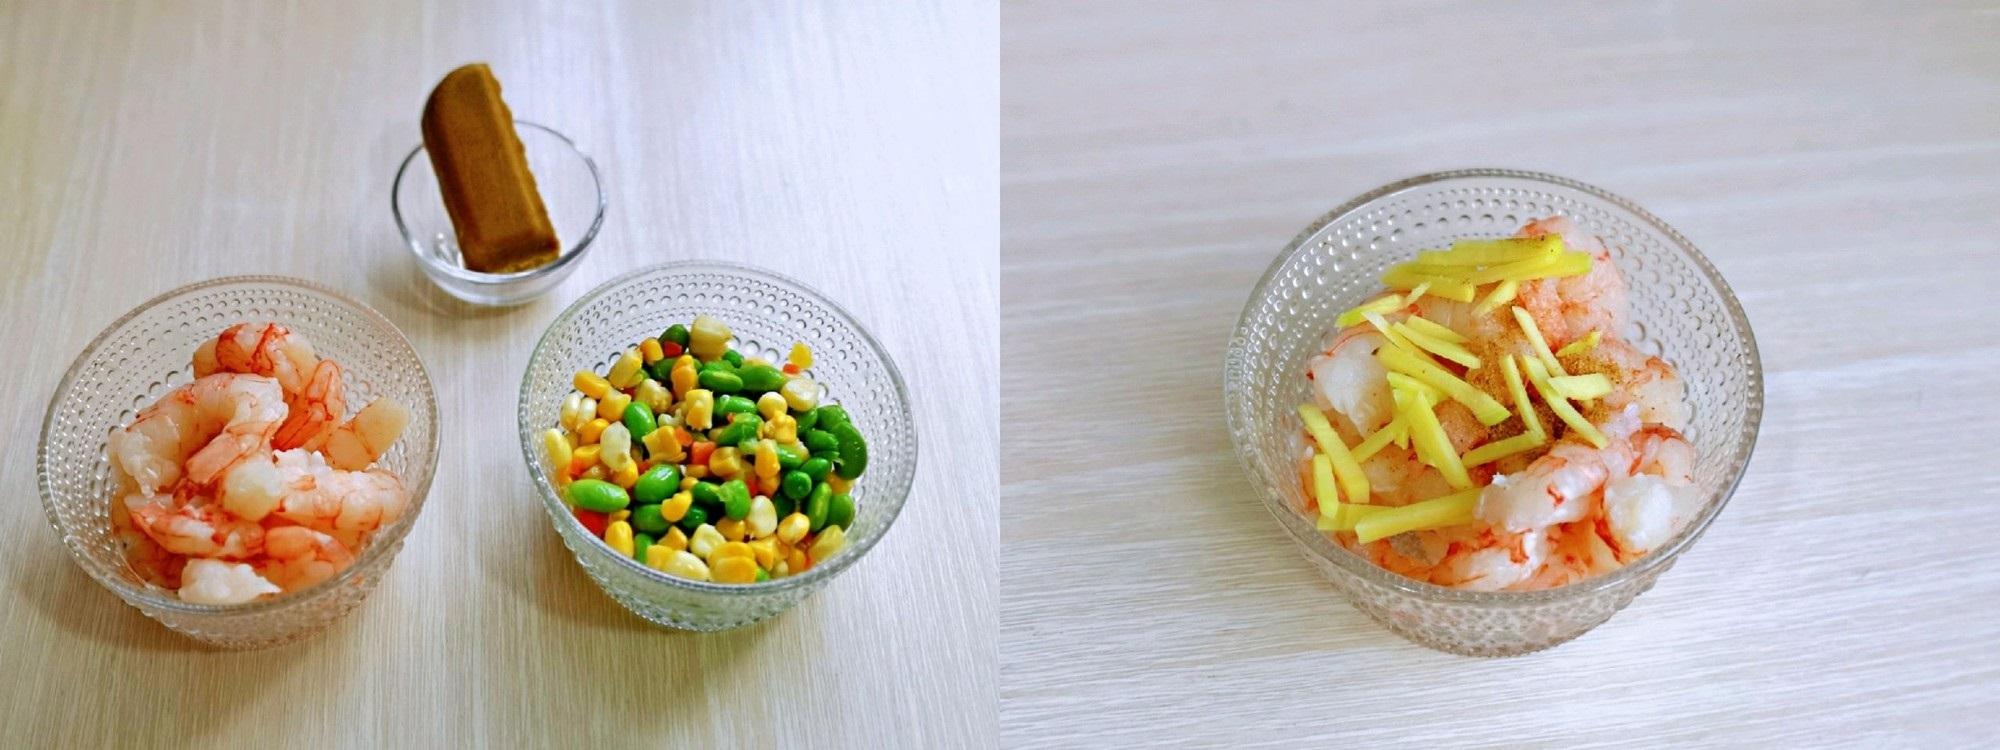 Gợi ý hộp cơm trưa phong cách tối giản, làm siêu nhanh mà ăn cực ngon - Ảnh 1